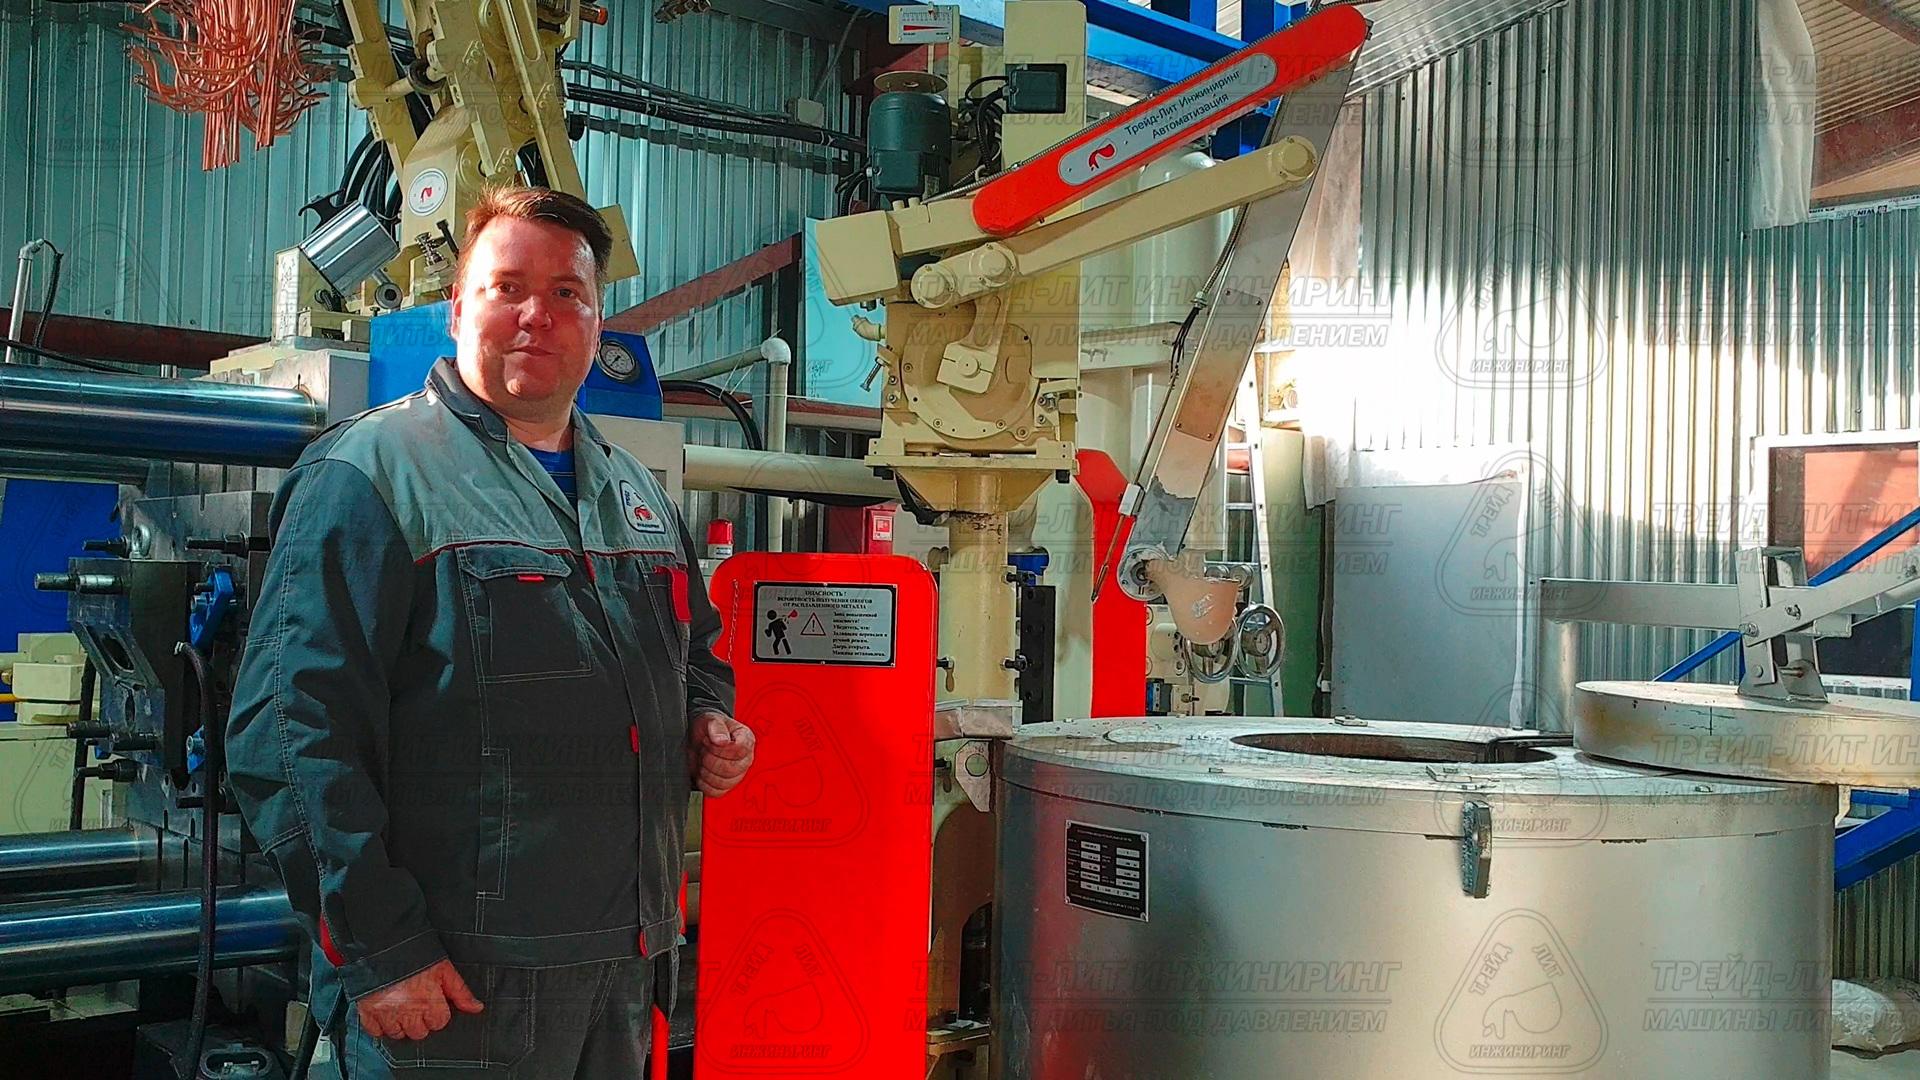 Манипулятор-заливщик, работающий в составе автоматизированного комплекса литья под давлением MS450, вес заливаемого алюминия до 9 кг.